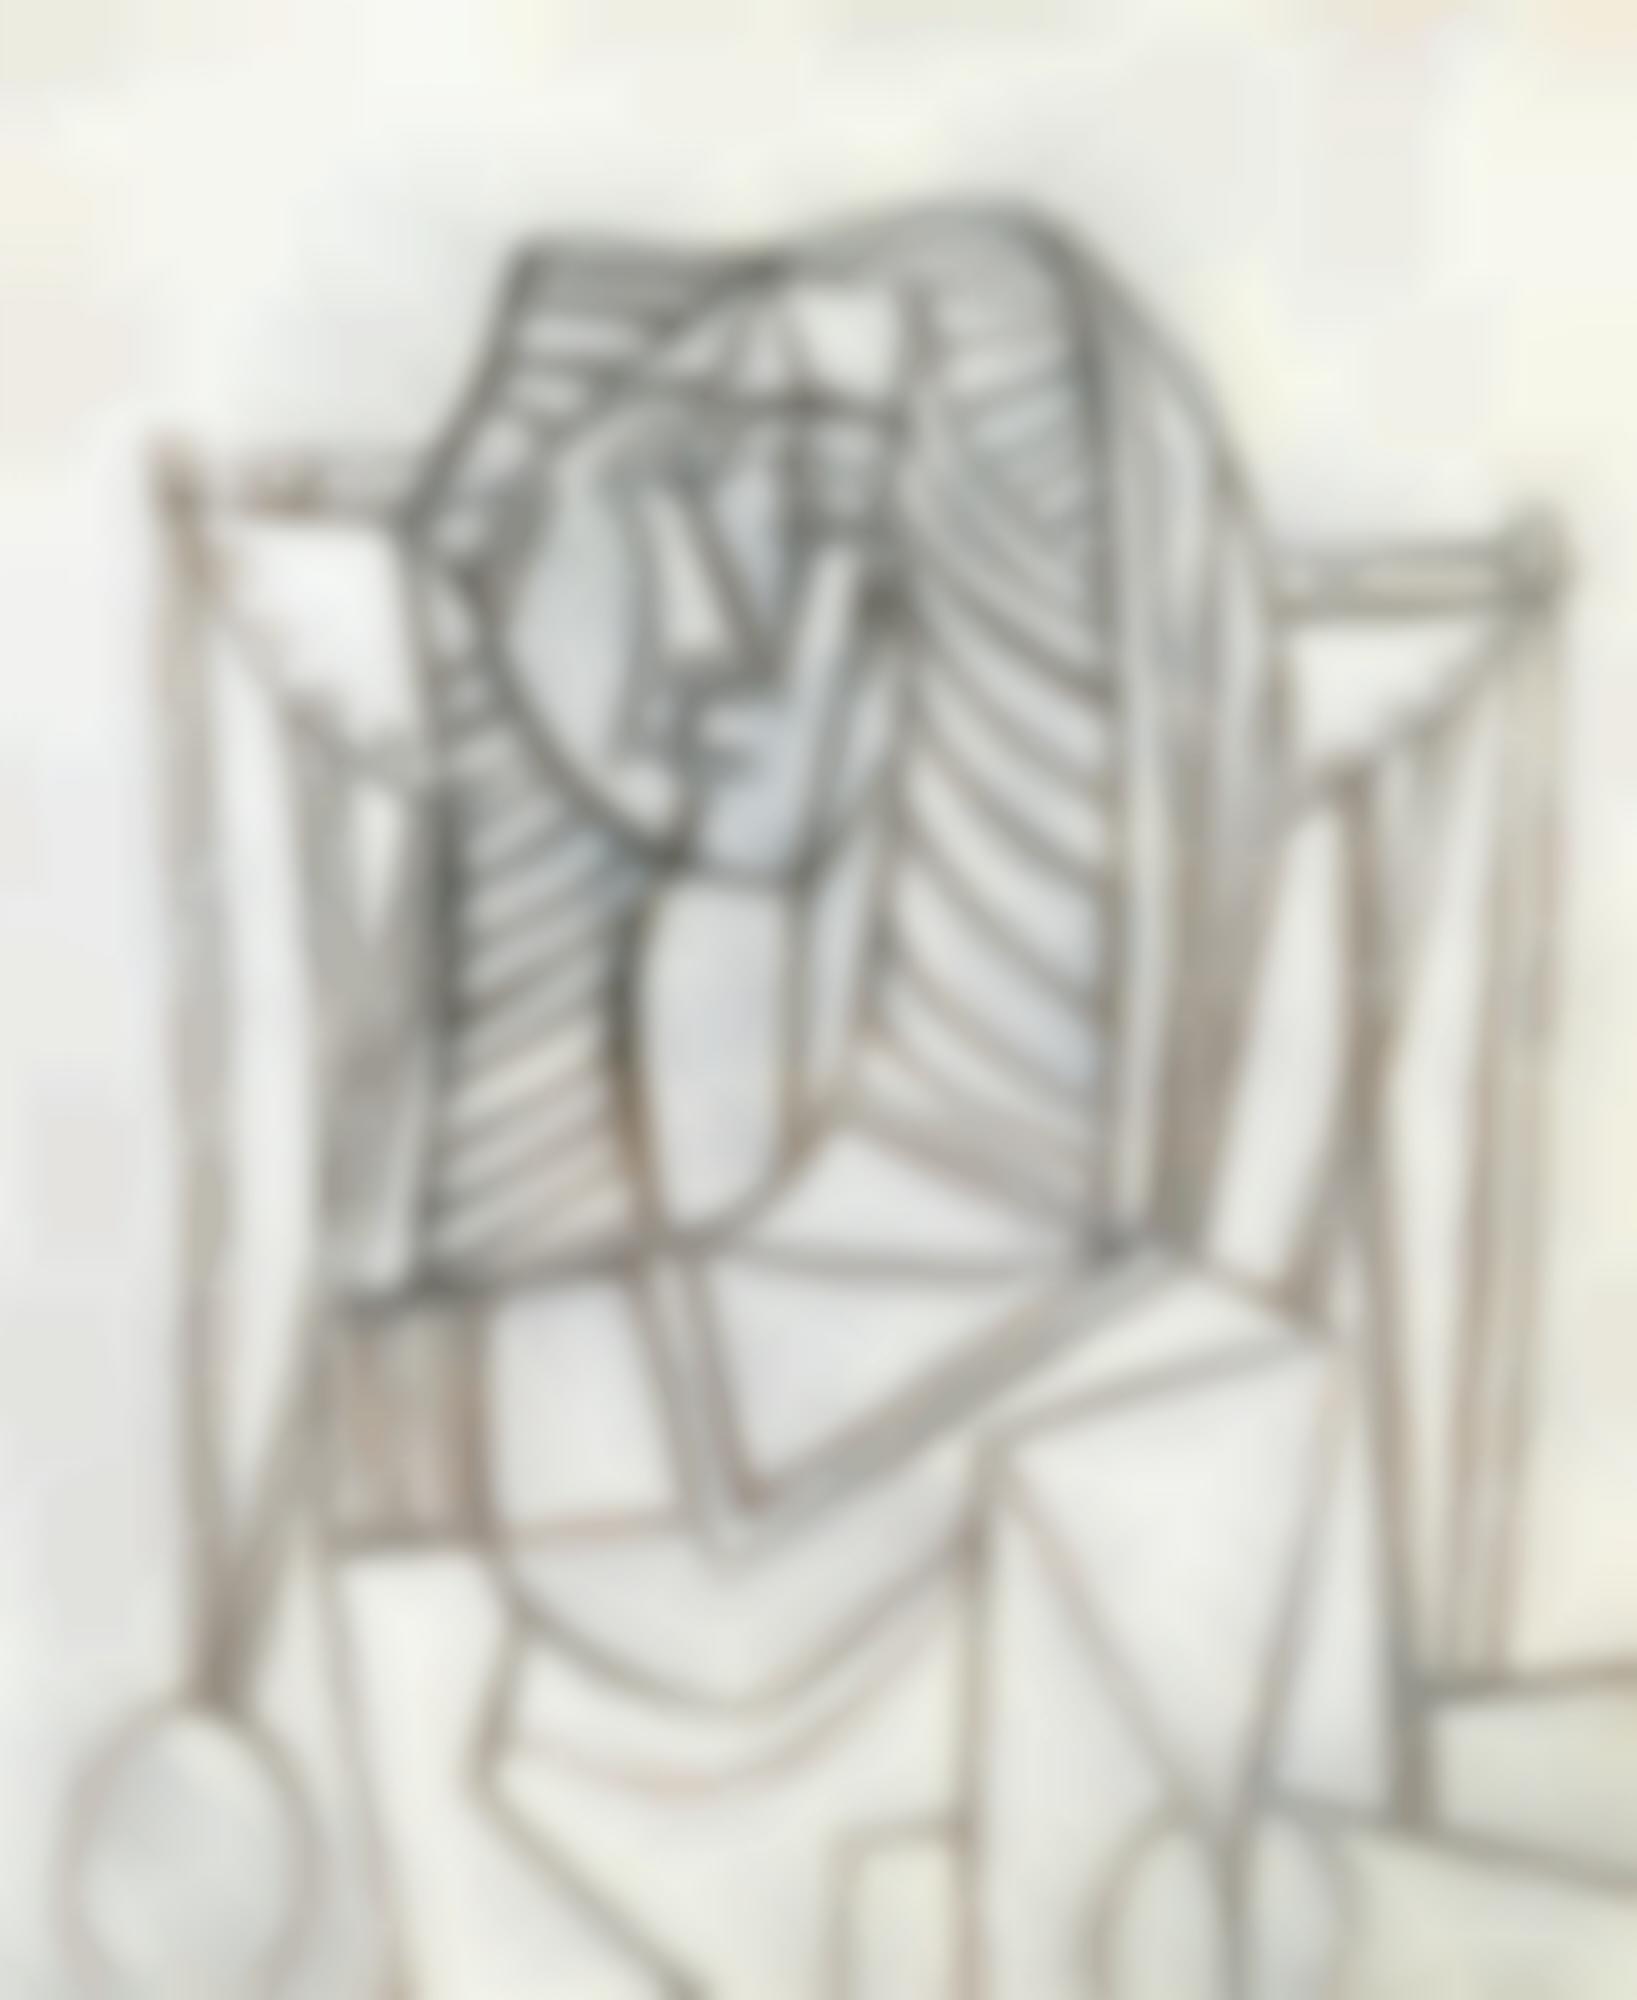 Pablo Picasso-Femme Assise Dans Un Fauteuil Sur Fond Blanc-1953